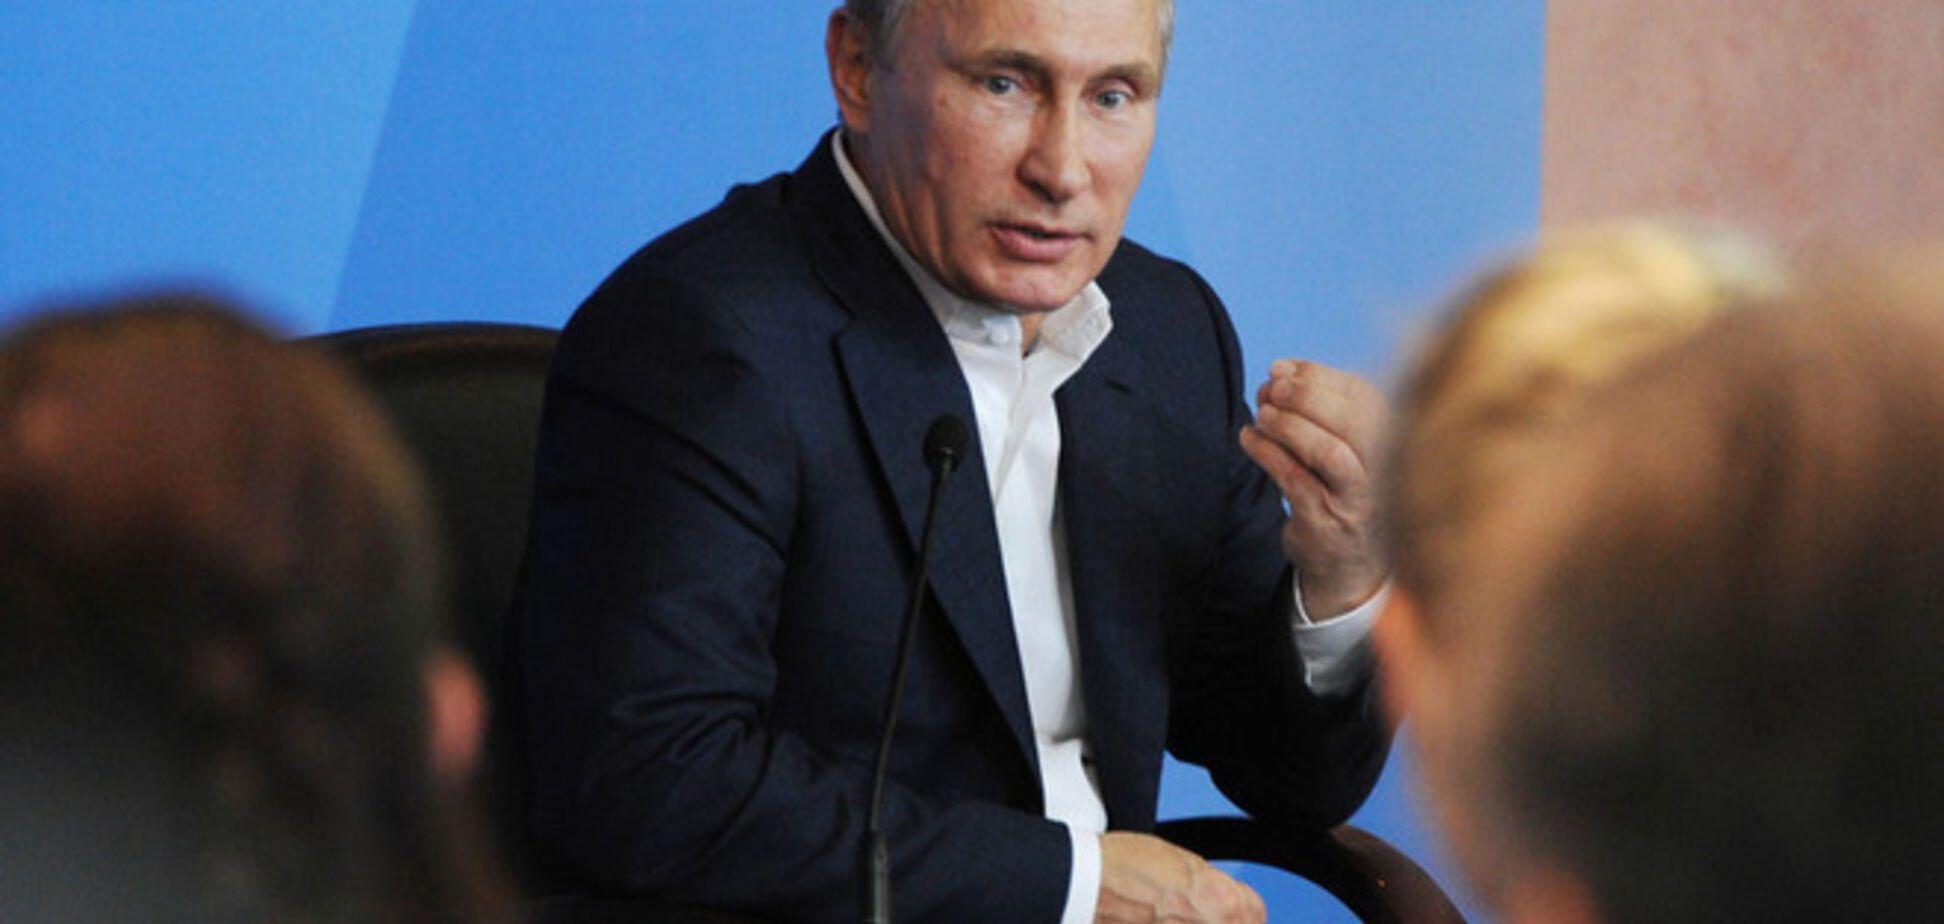 У Путина обнаружили рак – западные СМИ